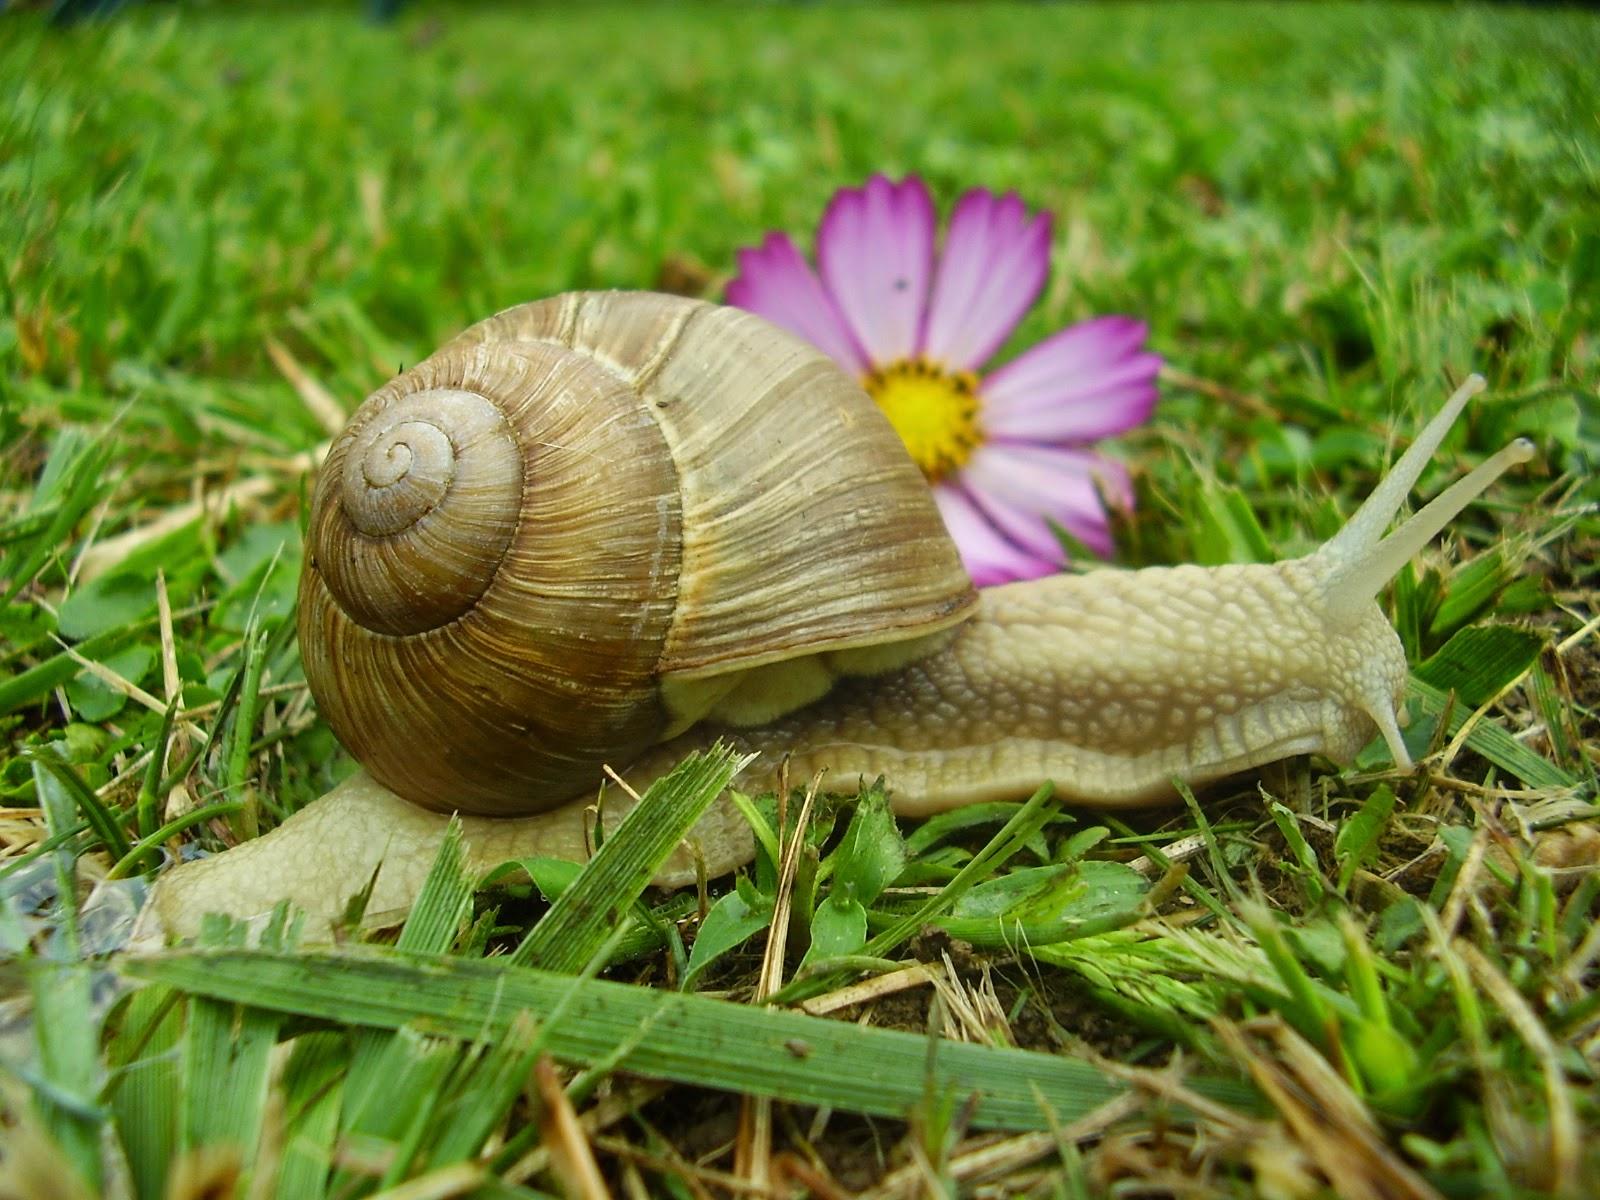 Club gastronomique prosper montagn par alain kritchmar vous aimez les escargots - La maison des escargots ...